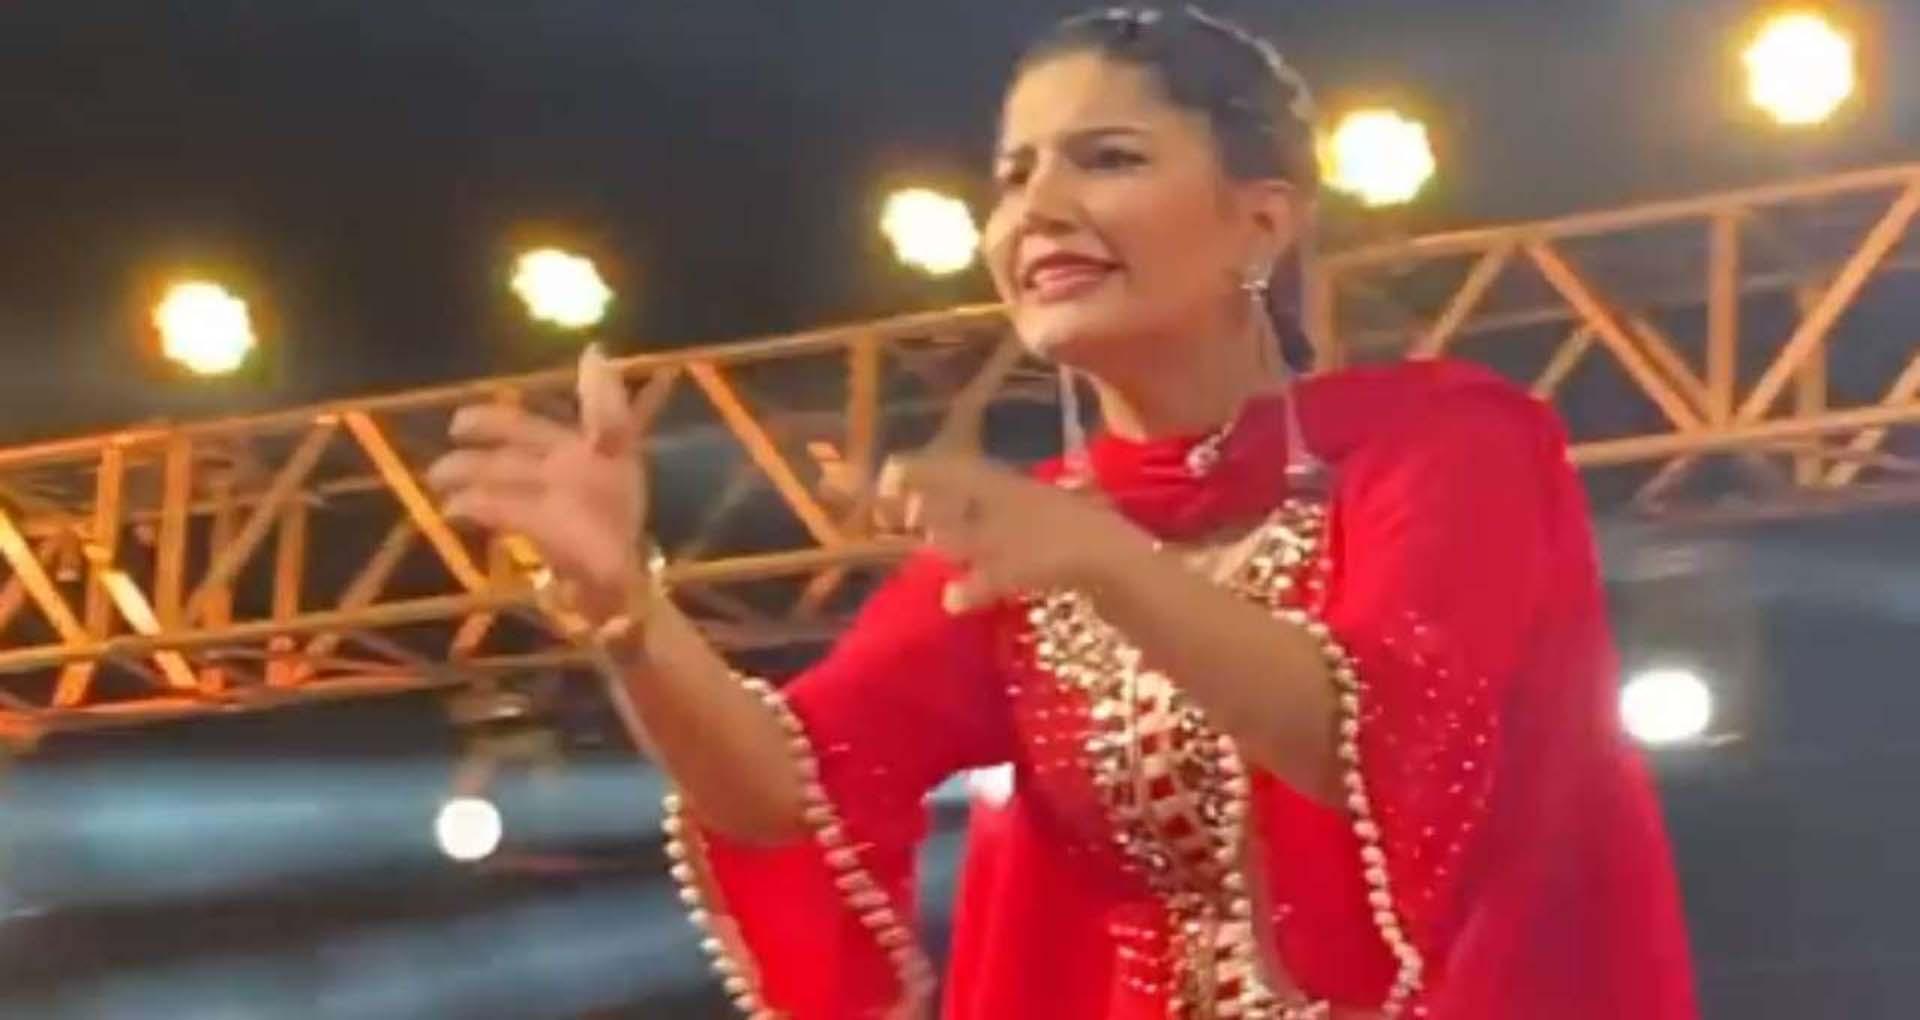 Sapna Choudhary Dance Video: सपना चौधरी ने 'चतेक' गाने पर लगाए जोरदार ठुमके! देखें वीडियो